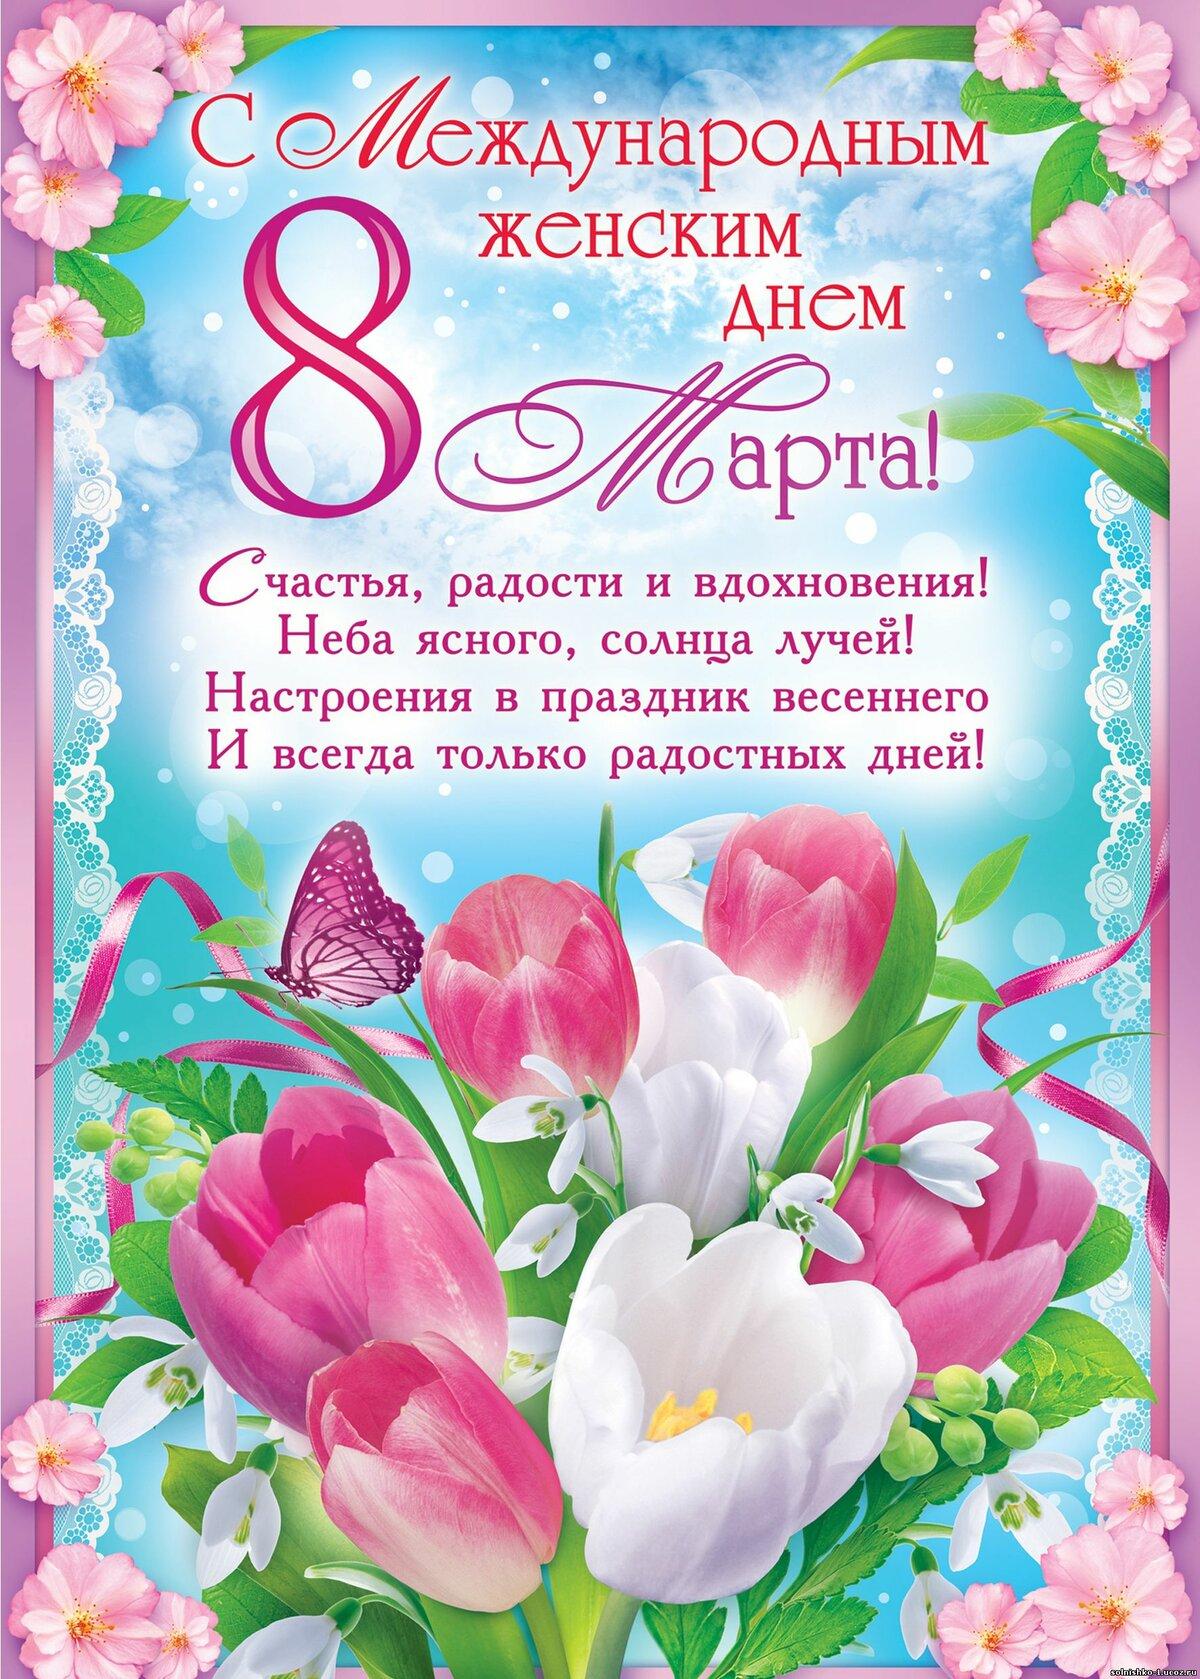 образцы поздравлений с праздником 8 марта